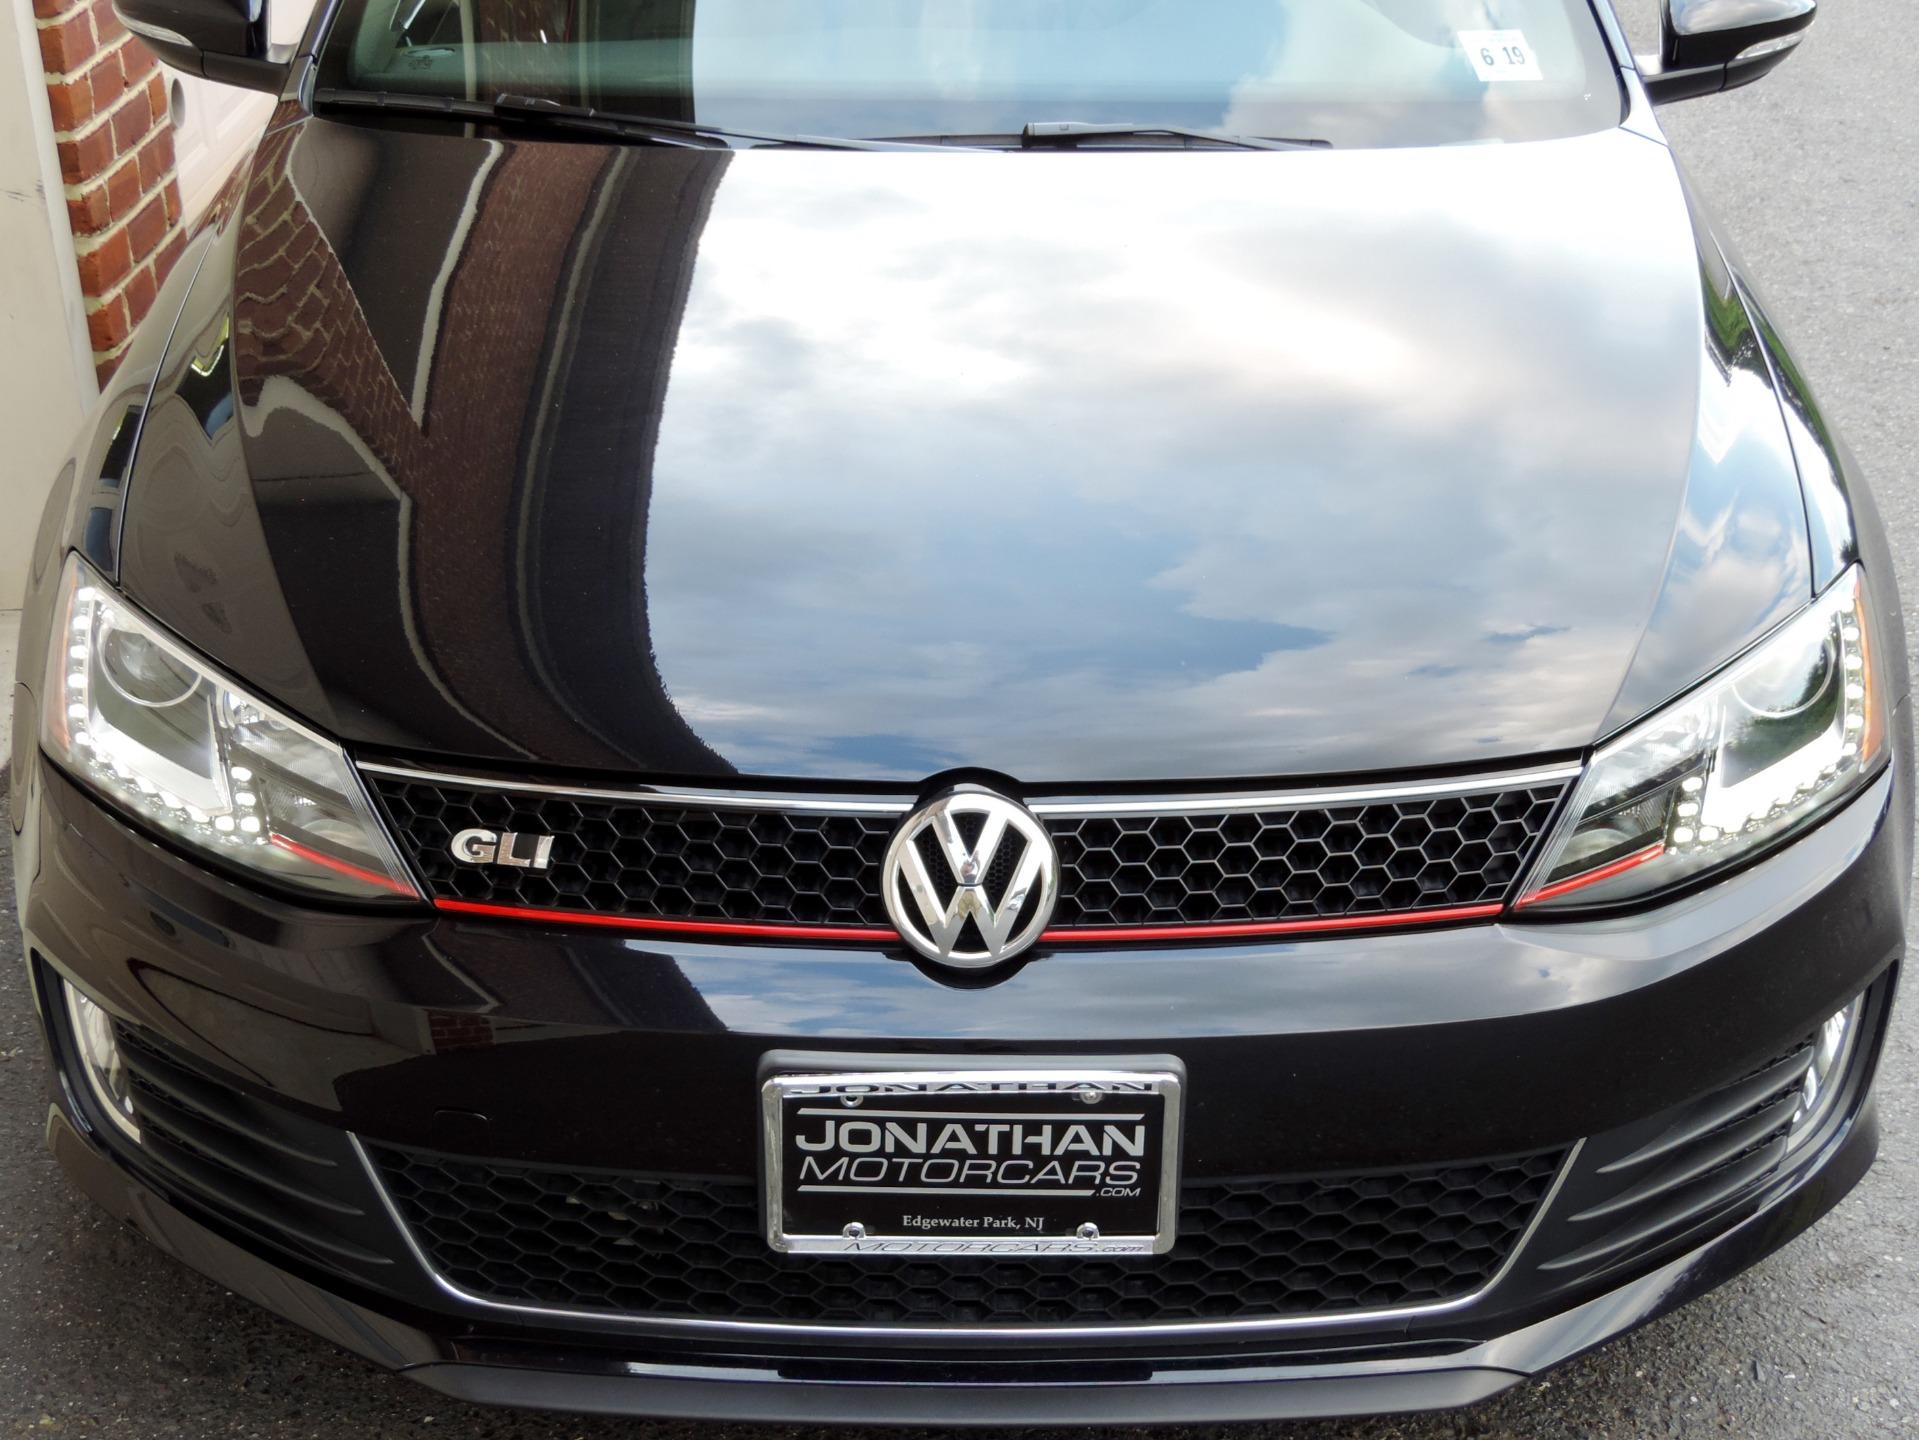 Used-2014-Volkswagen-Jetta-GLI-Edition-30-PZEV